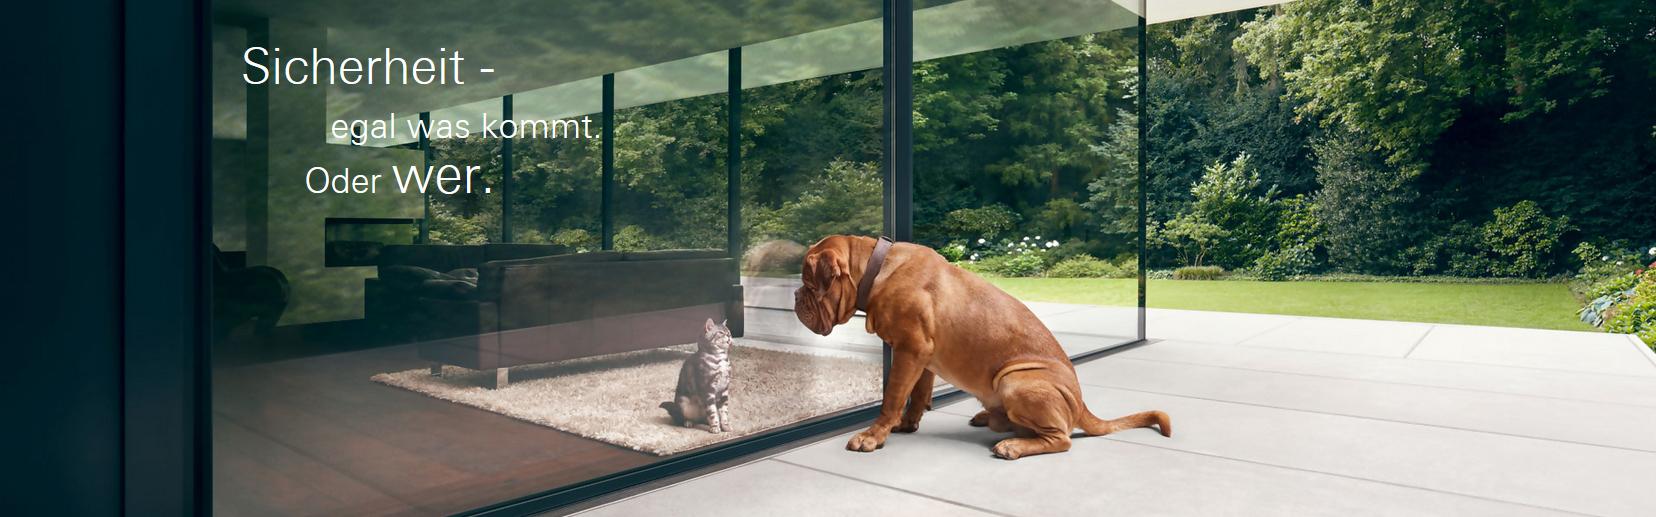 Ein Hund sitzt vor einem großen Glasfenster